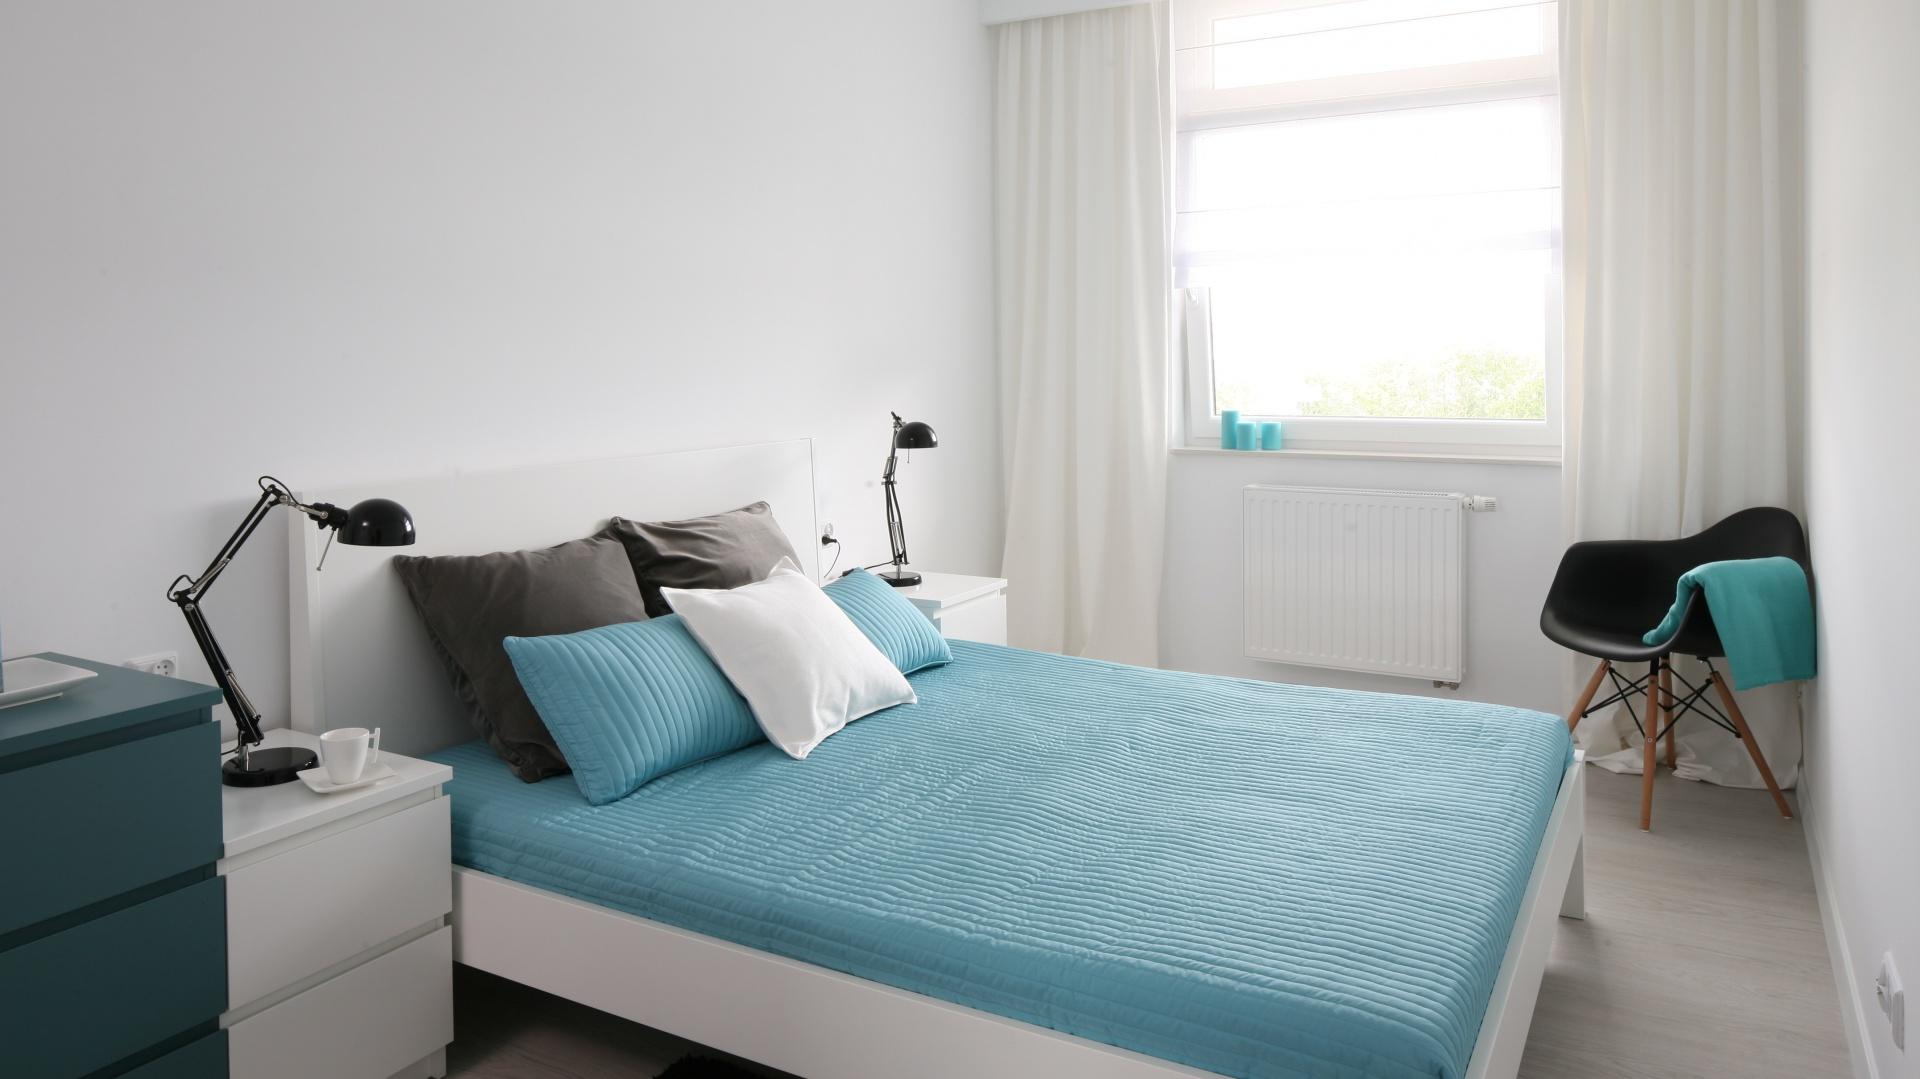 Ikony designu, ponadczasowy duet bieli i czerni oraz turkusowe dodatki to pomysł na ultranowoczesny apartament. Projekt Anna Maria Sokołowska. Fot. Bartosz Jarosz.